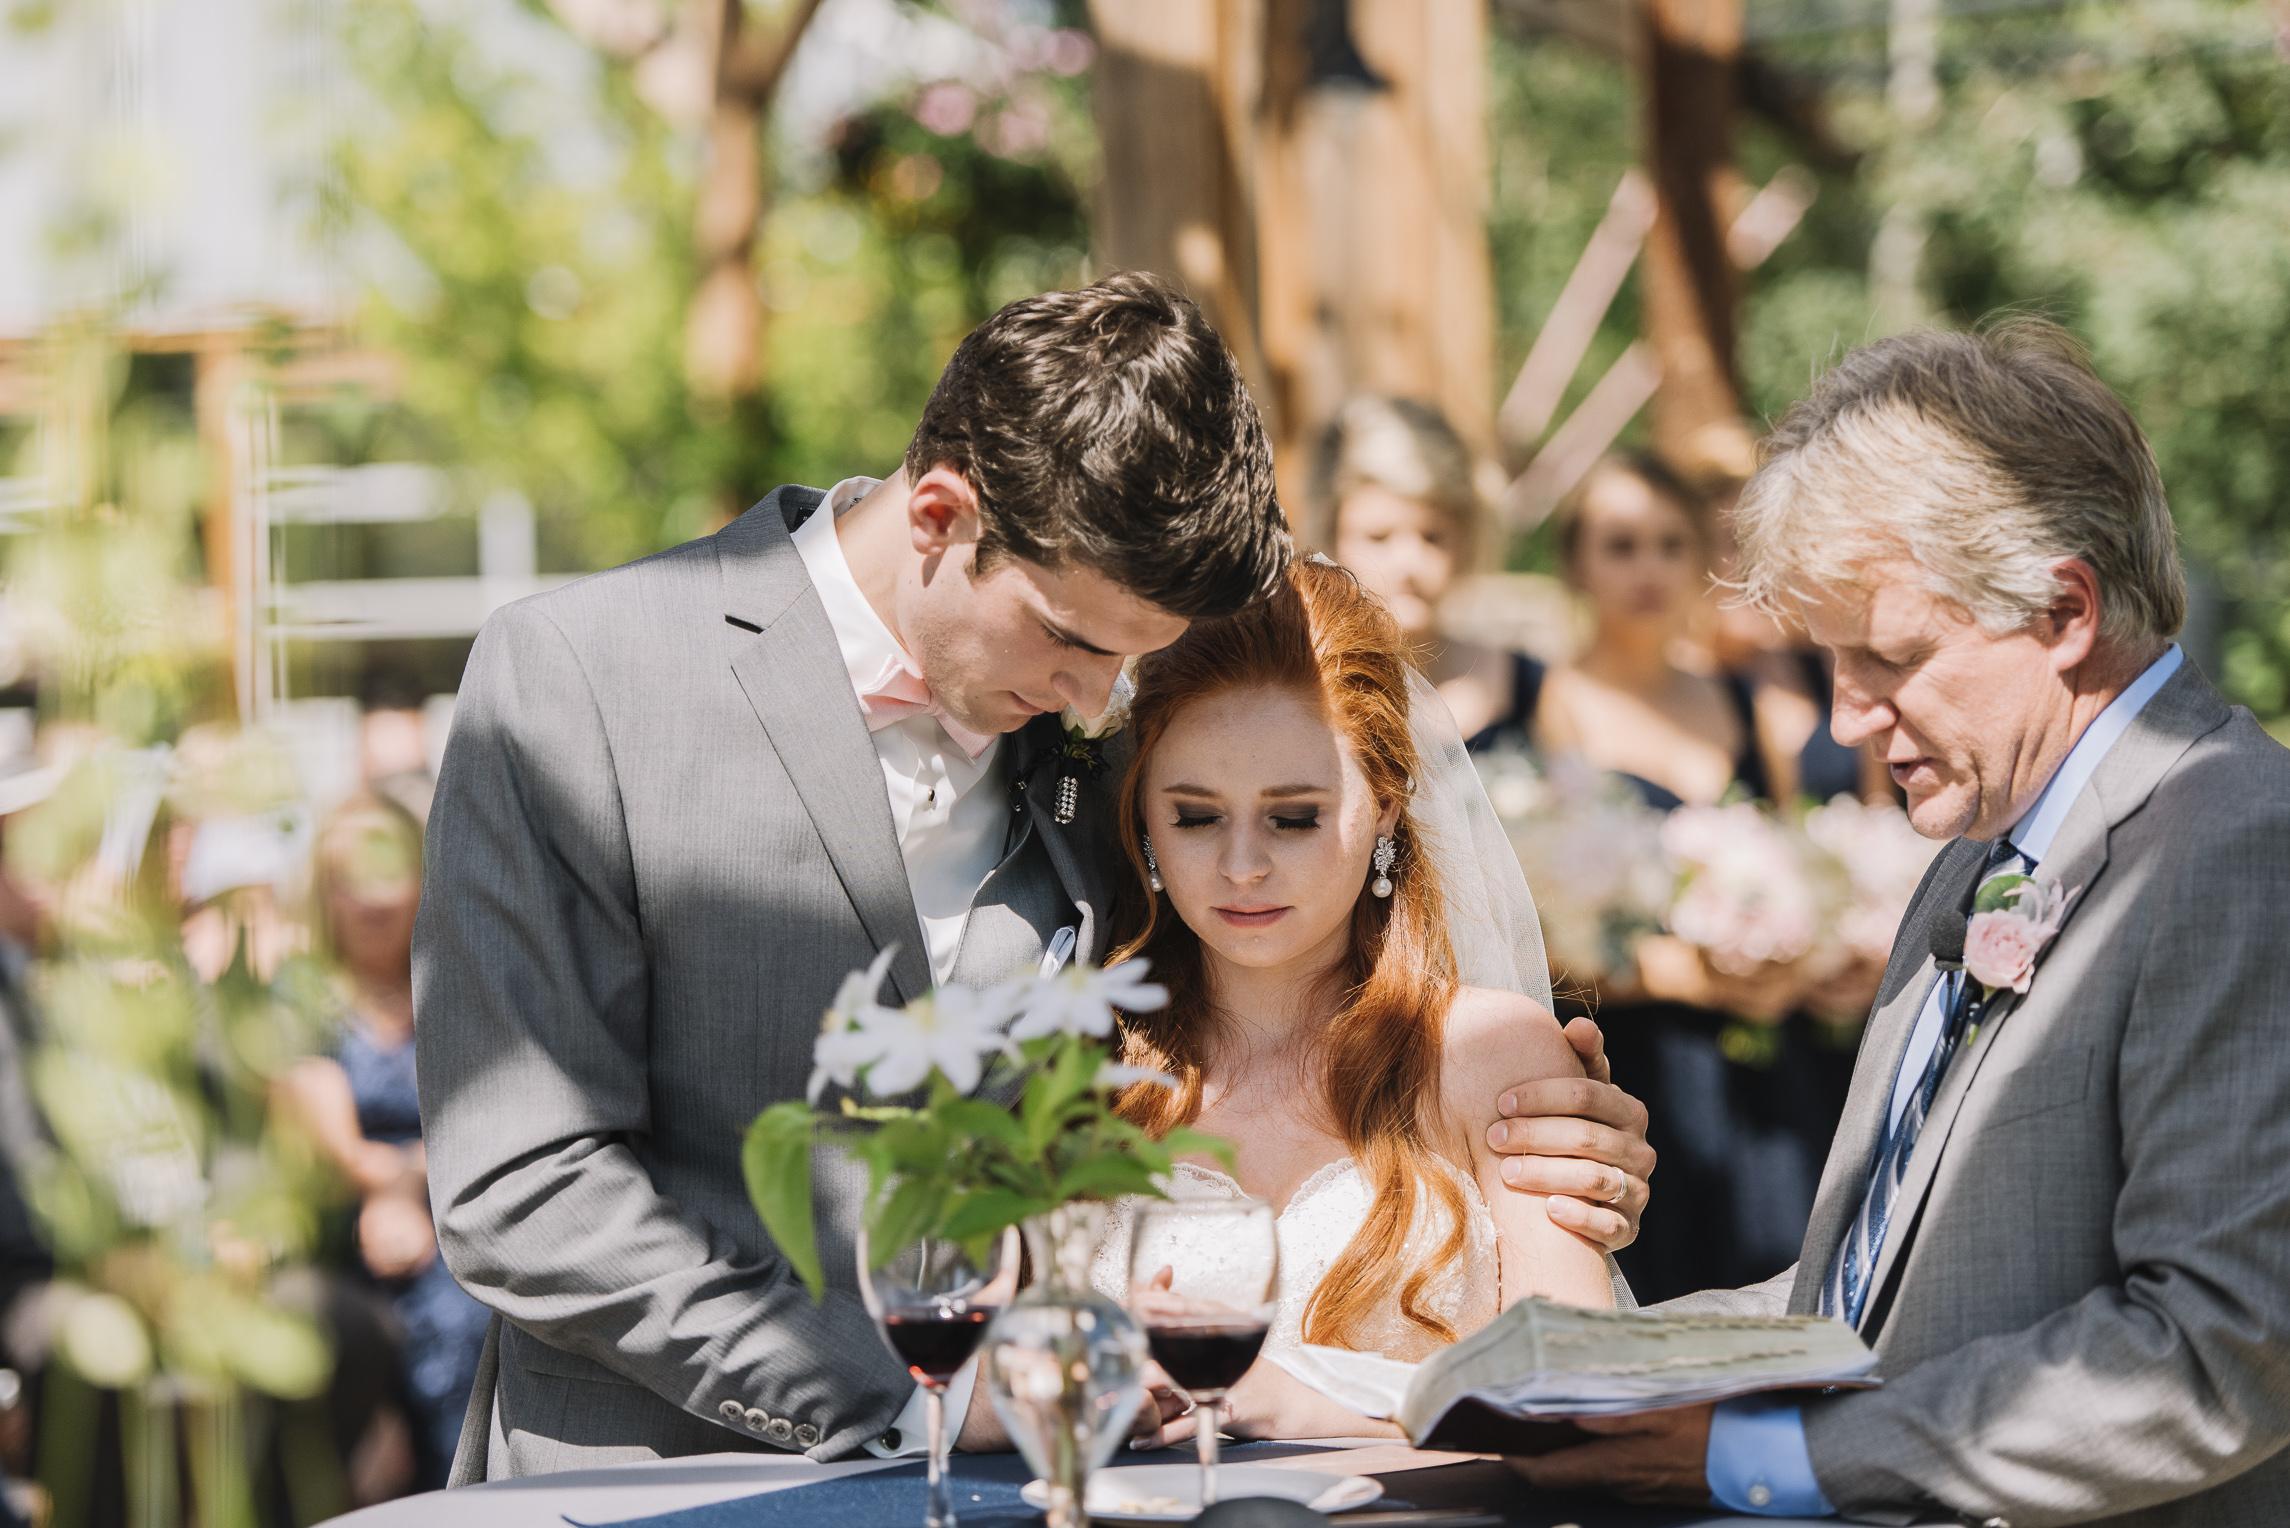 web sized images -- no to print --CALVIN & MCKYLEY WEDDING PHOTOS - COLORADO PHOTOGRAPHER - DEBI RAE PHOTOGRAPHY-1031.jpg